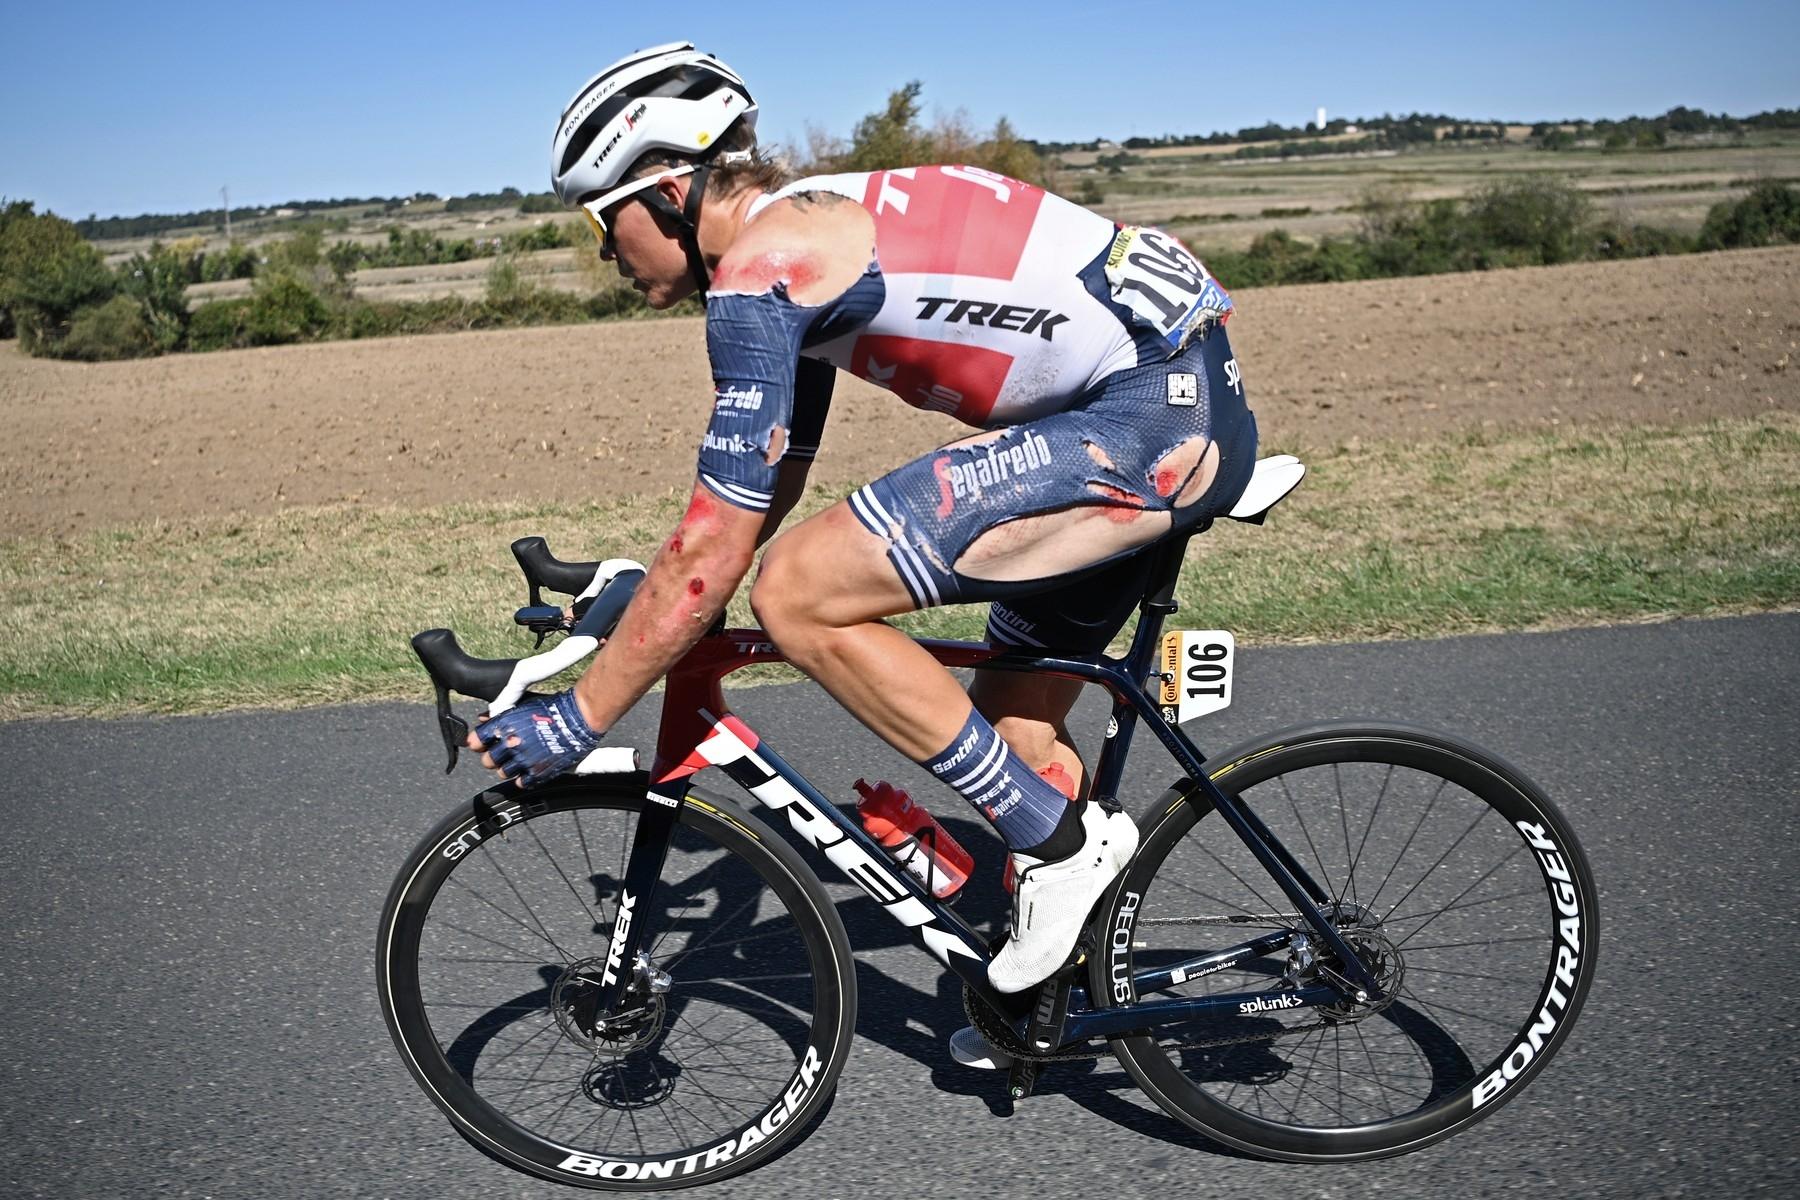 Toms Skujinš spadl drsně v desáté etapě Tour de France. Přesto se dostal do cíle a v závodě pokračuje. Foto: profimedia